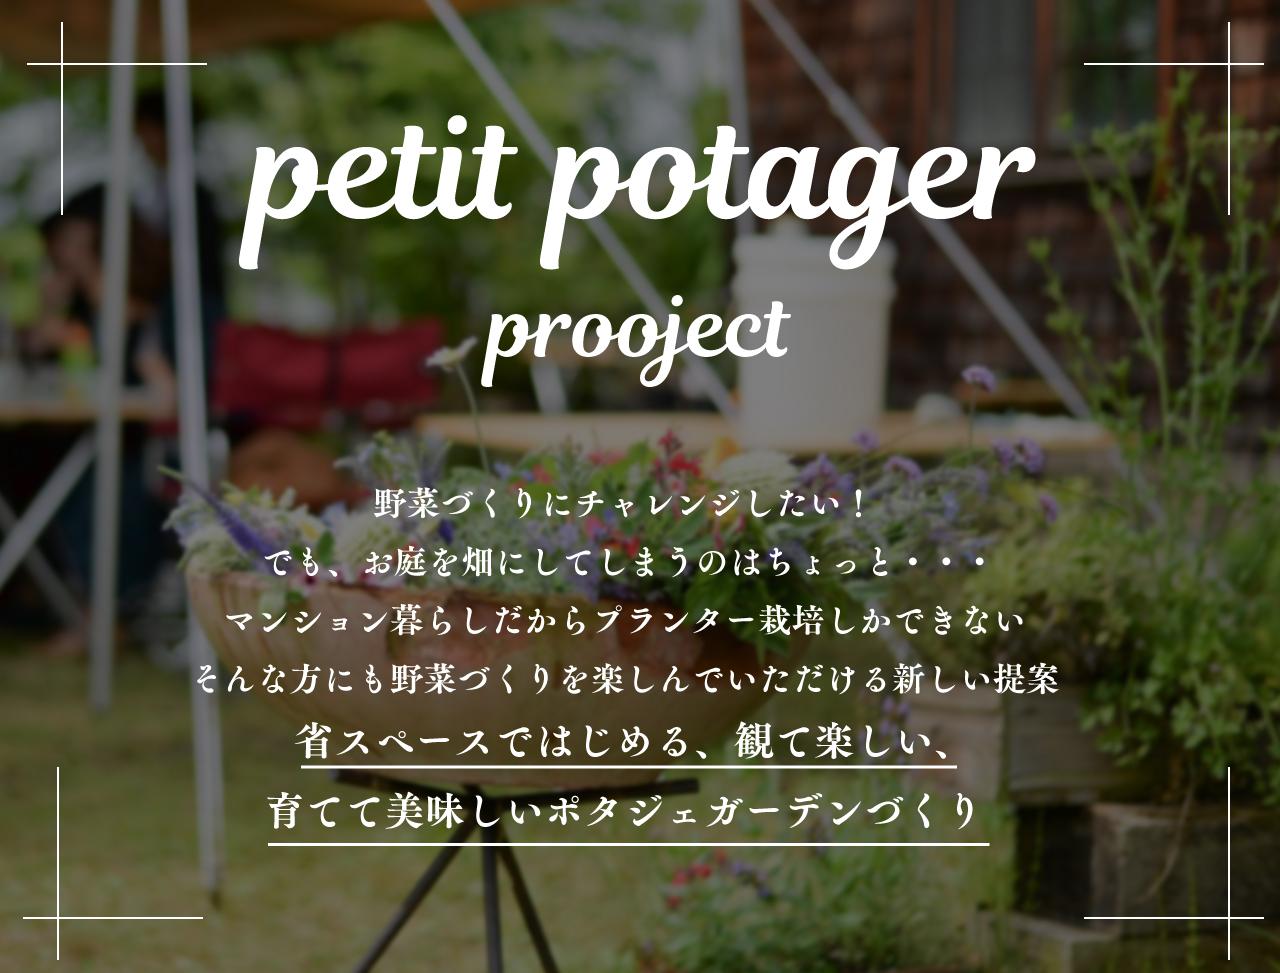 プチポタジェプロジェクト